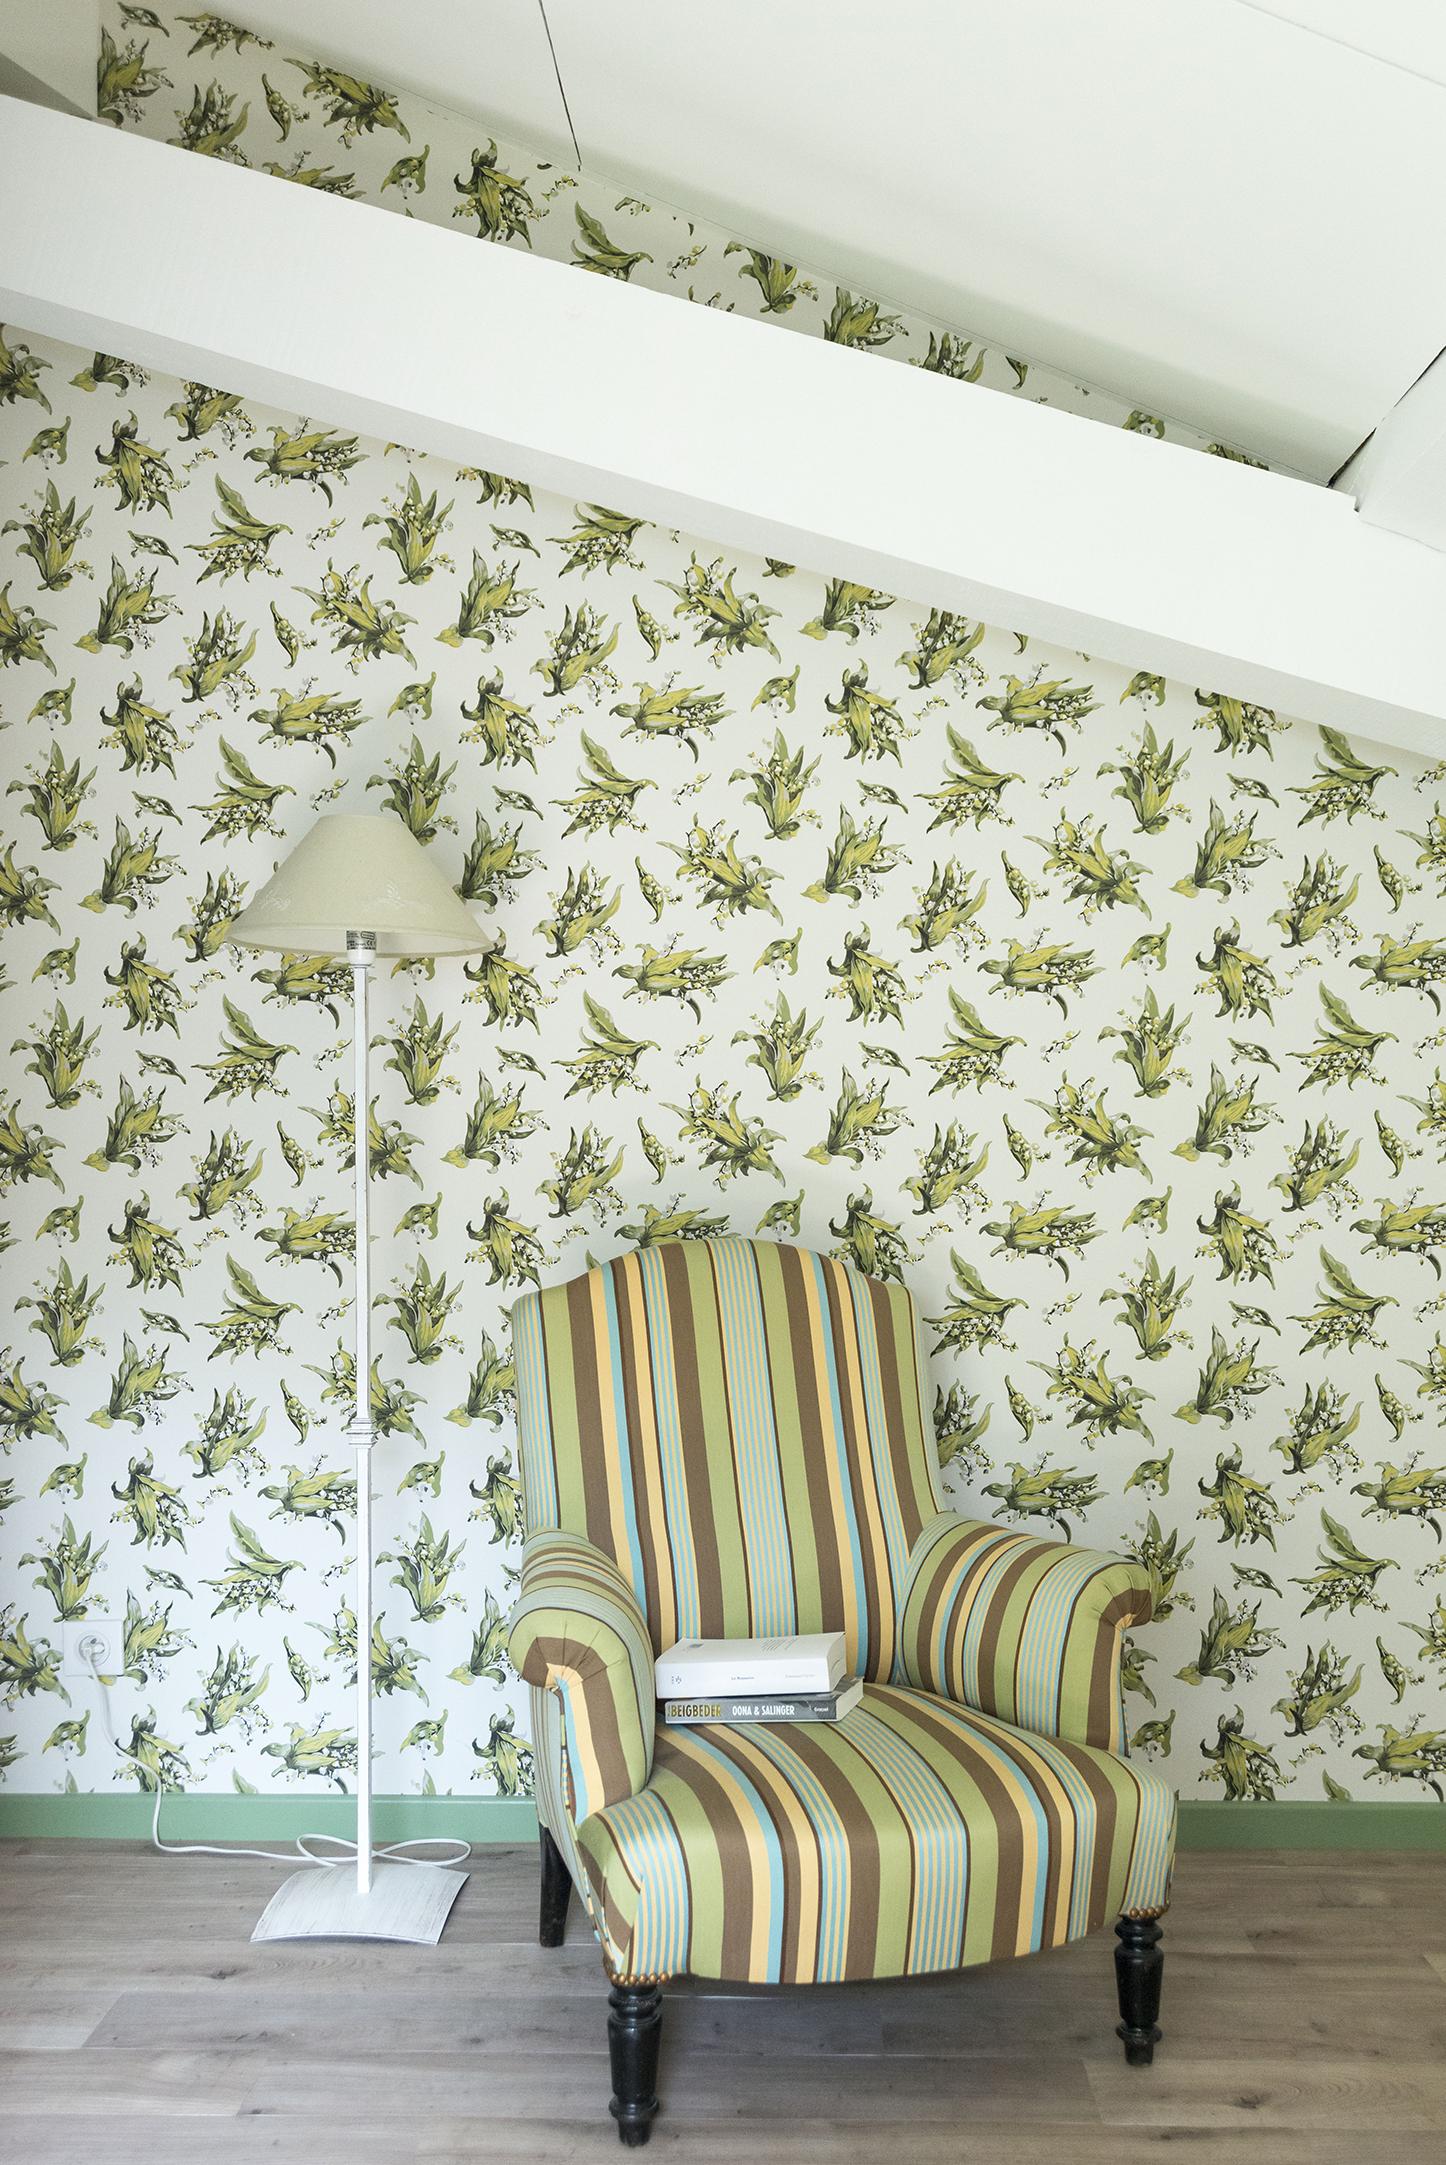 Lala Architectes_Landes_Rénovation_Chambre_Vert_Charpente peinte